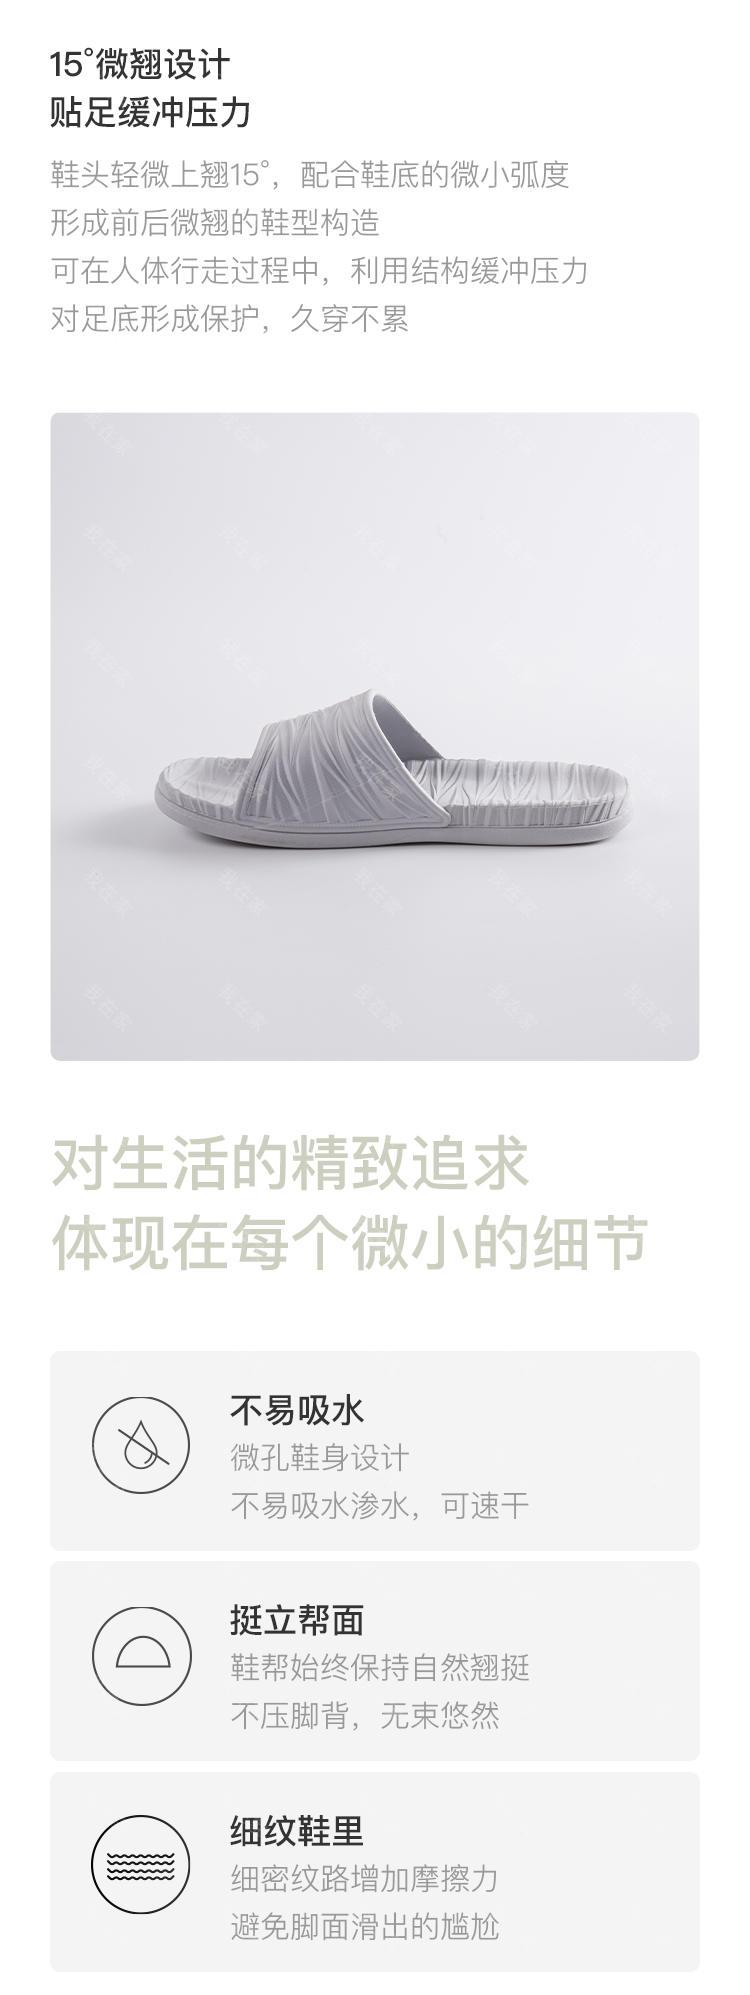 居彩品牌简约款浴室拖鞋的详细介绍